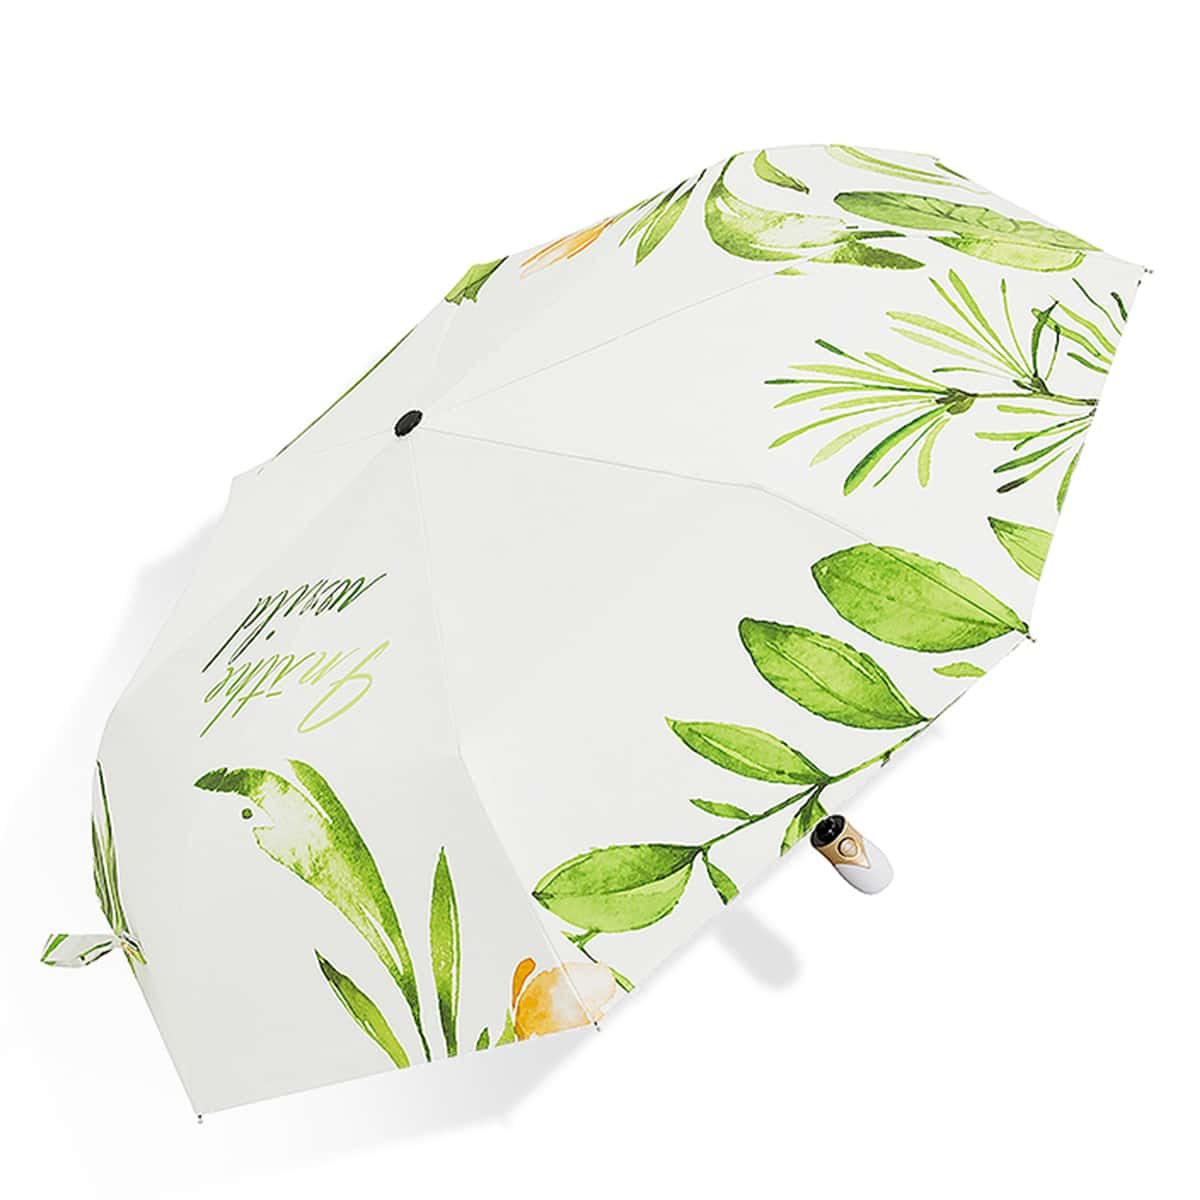 1шт автоматический зонт с принтом растений